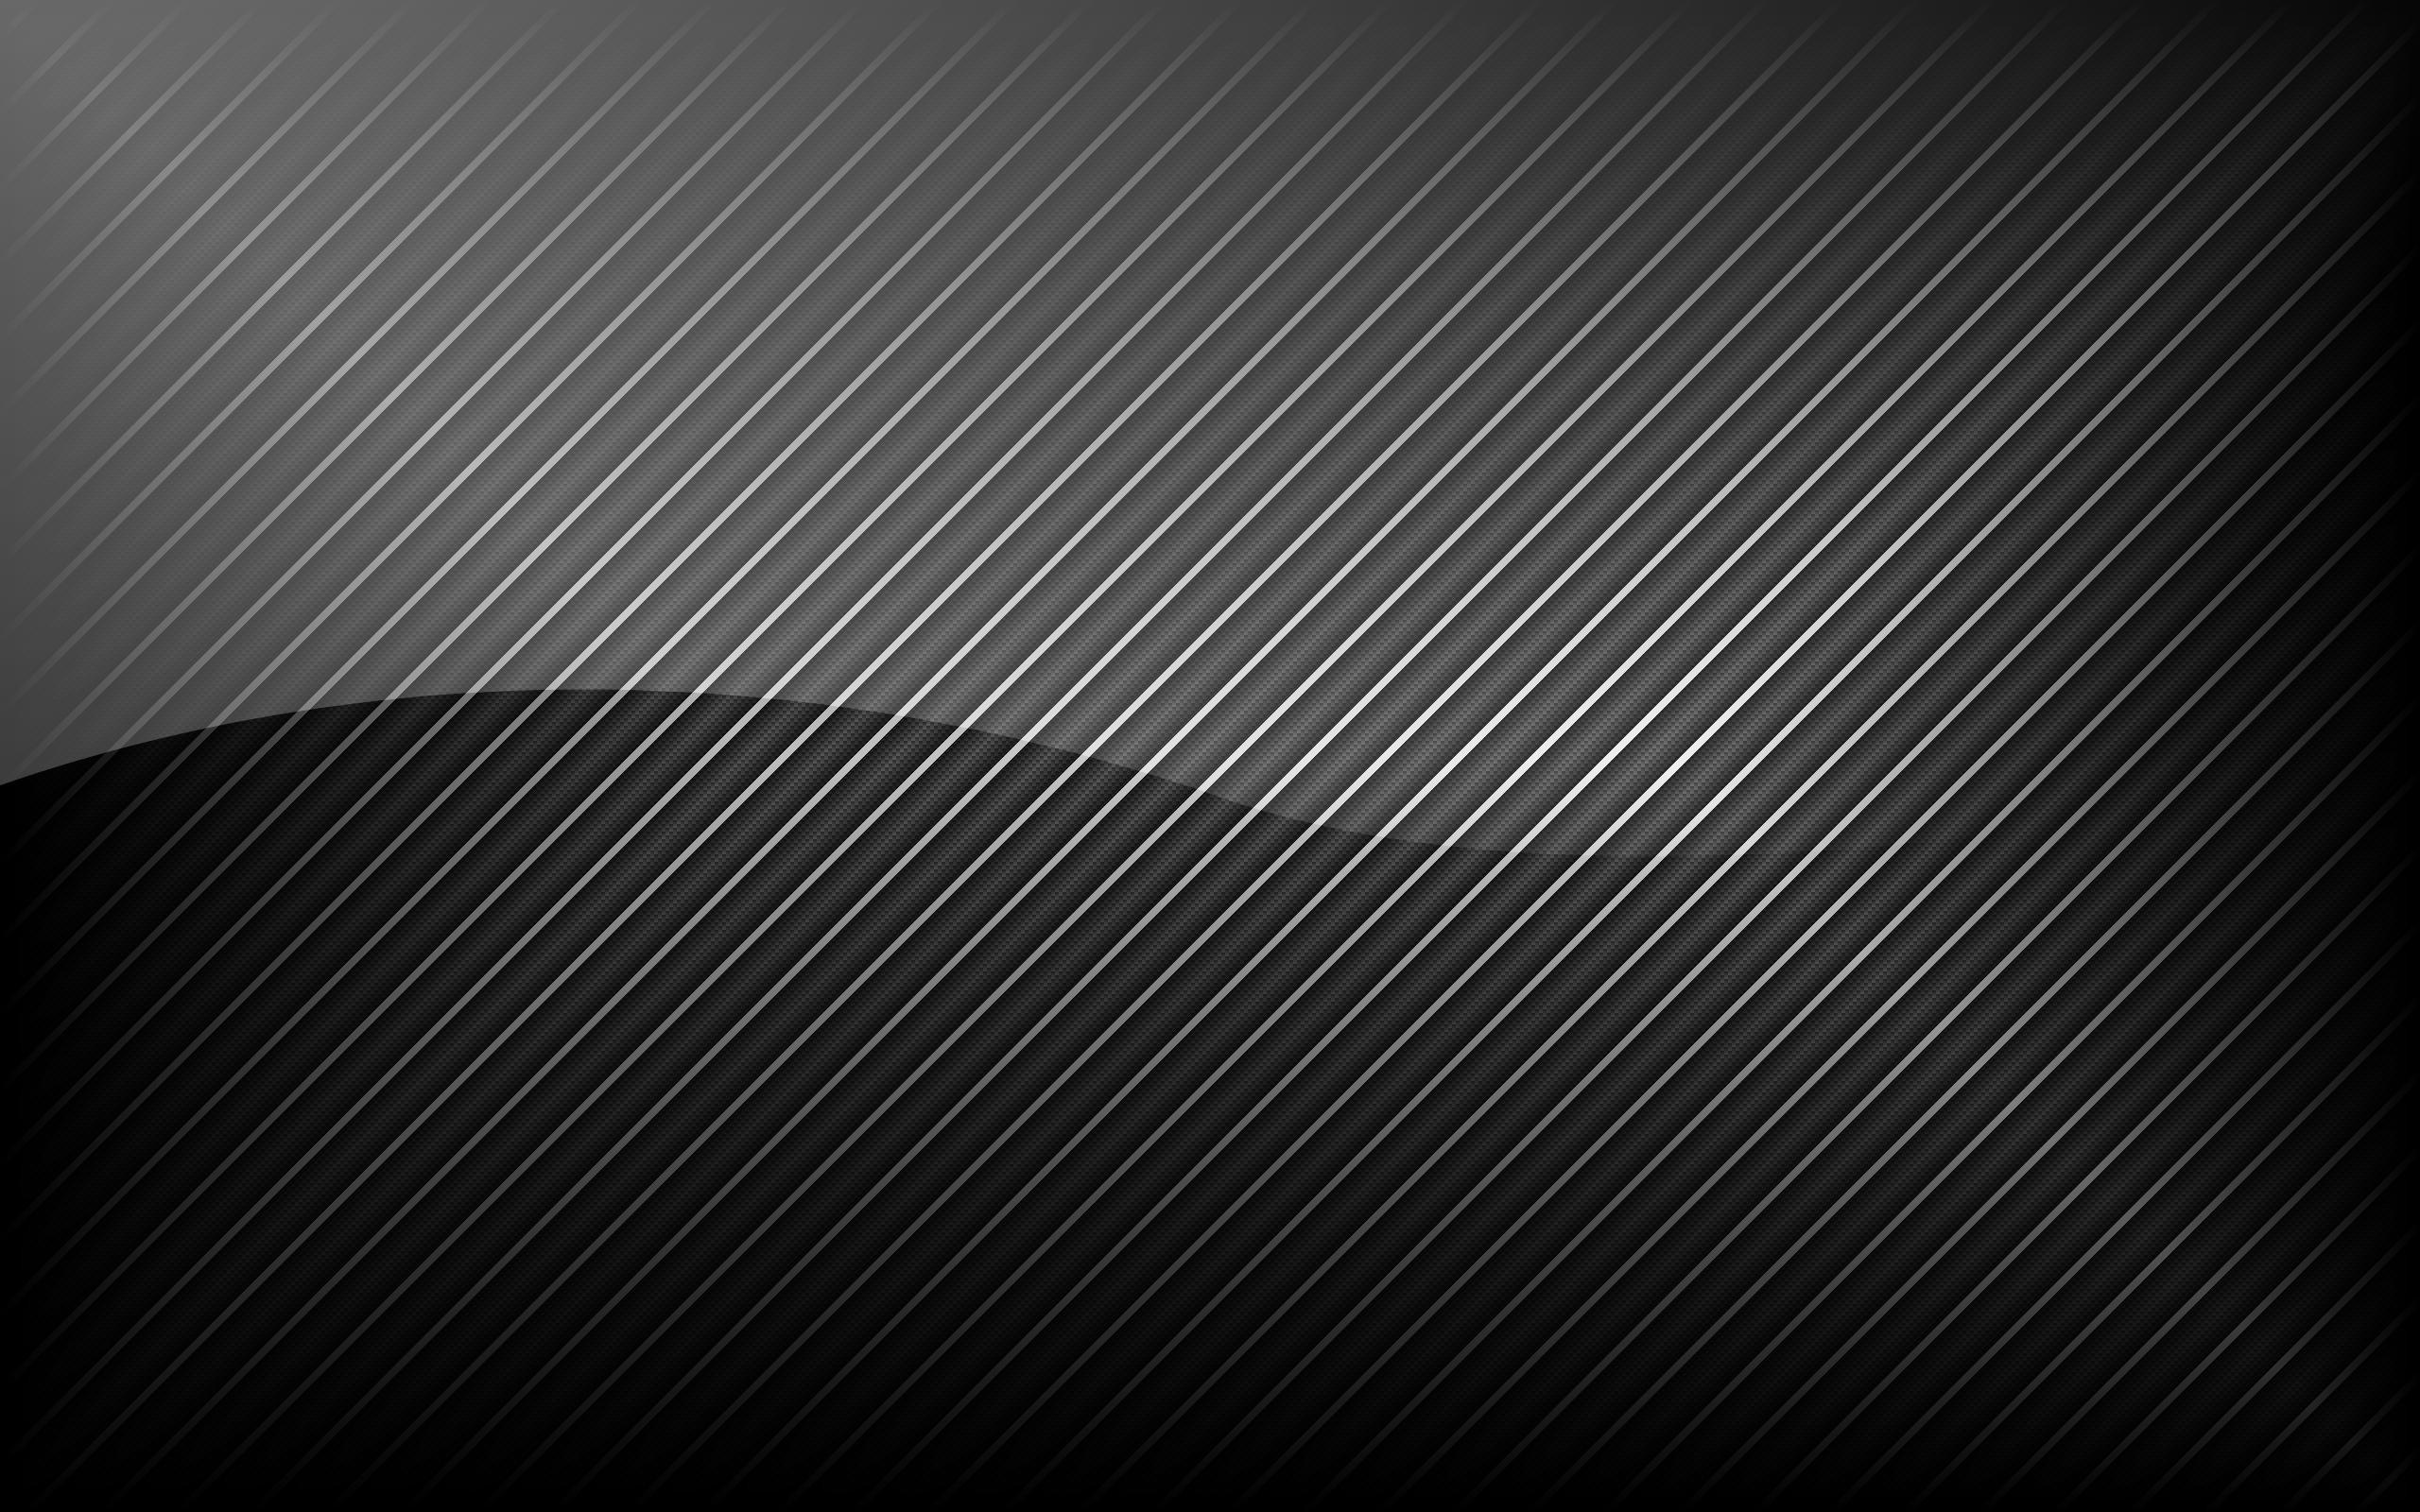 Carbon Fiber Wallpaper (76+ images)